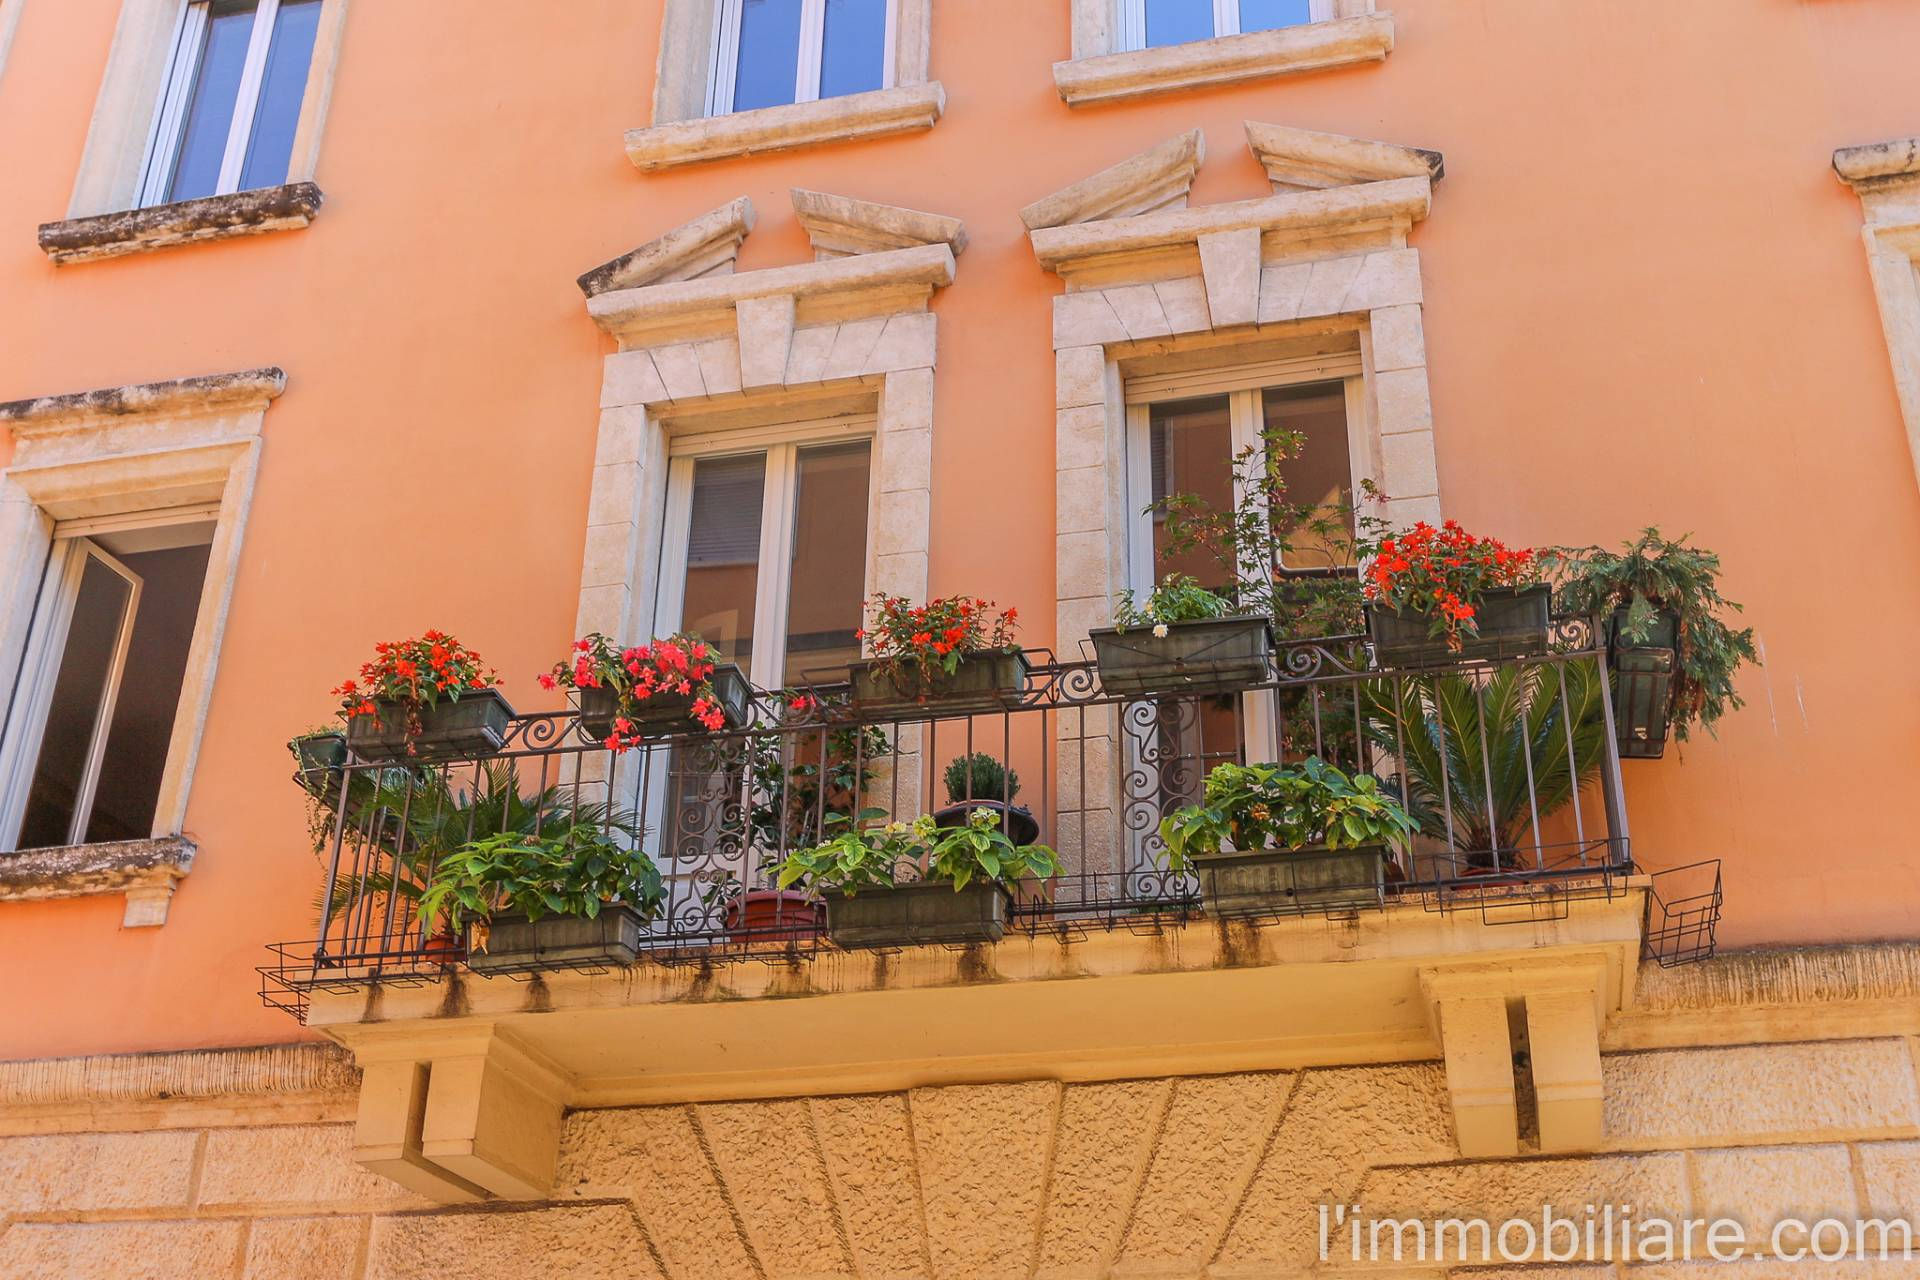 Appartamento in vendita a Verona, 7 locali, zona Località: Centrostorico, prezzo € 935.000 | CambioCasa.it